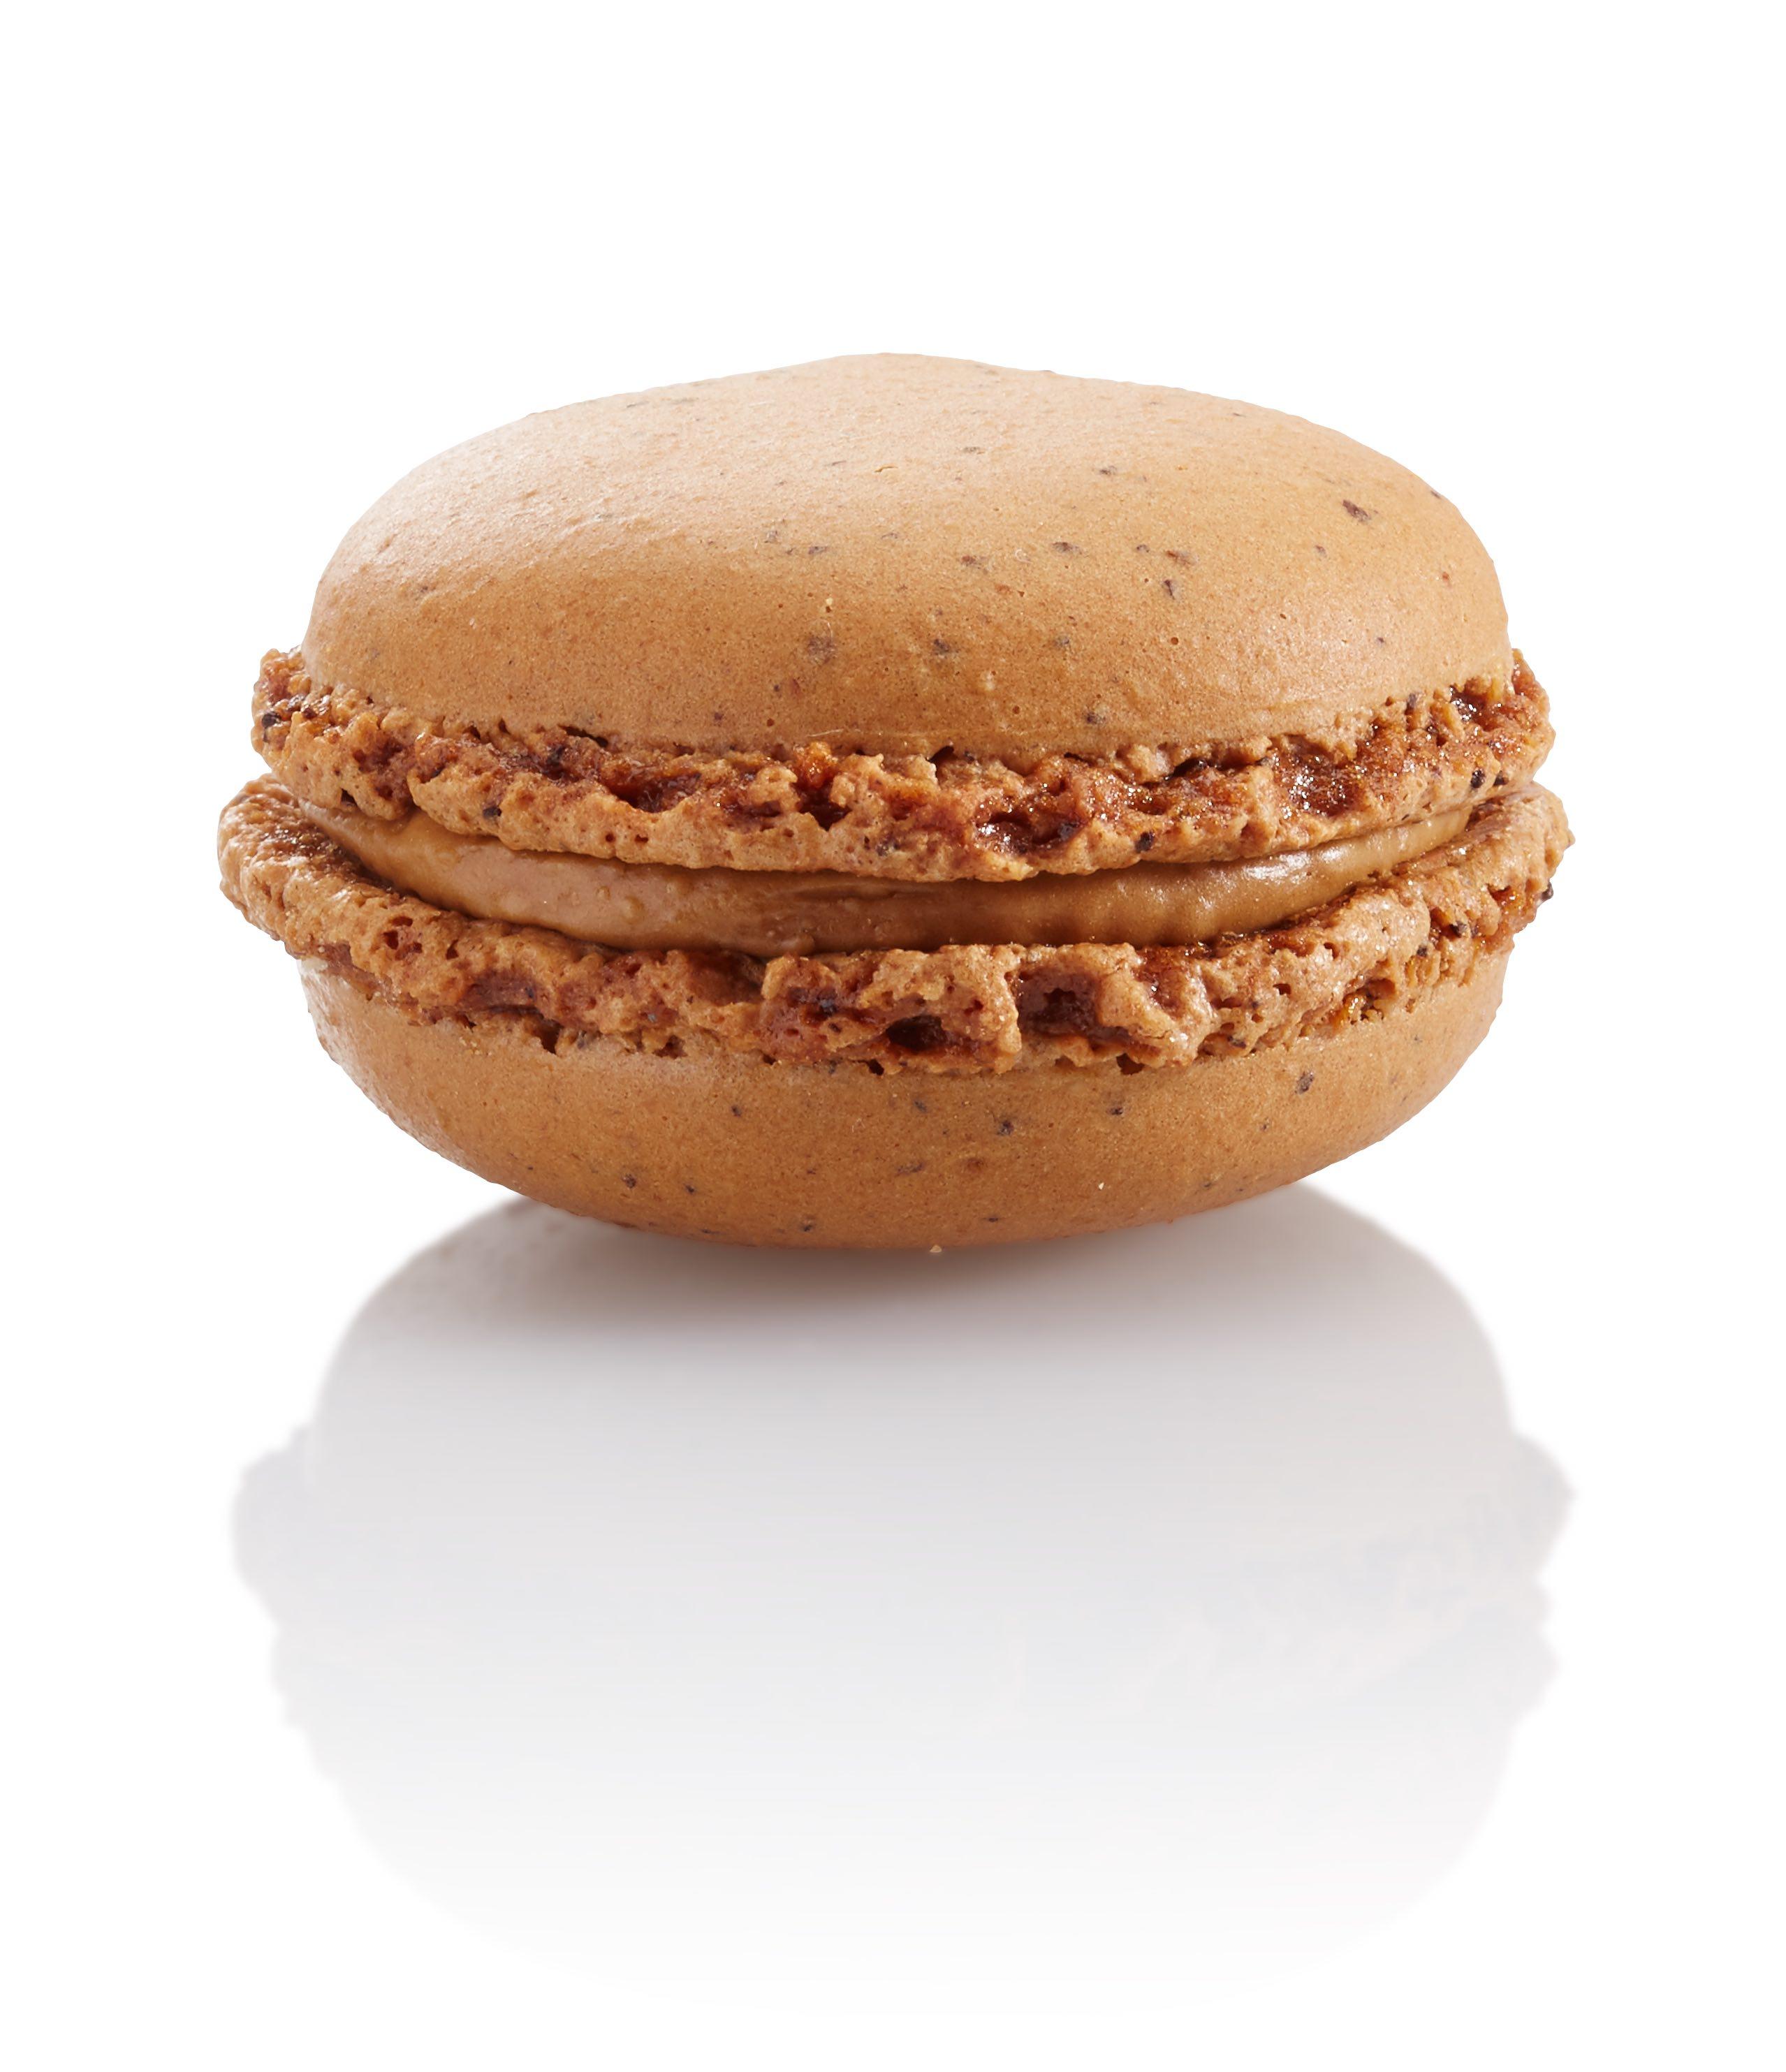 Monoprix Gourmet ouvre des bars à macarons… Miam !